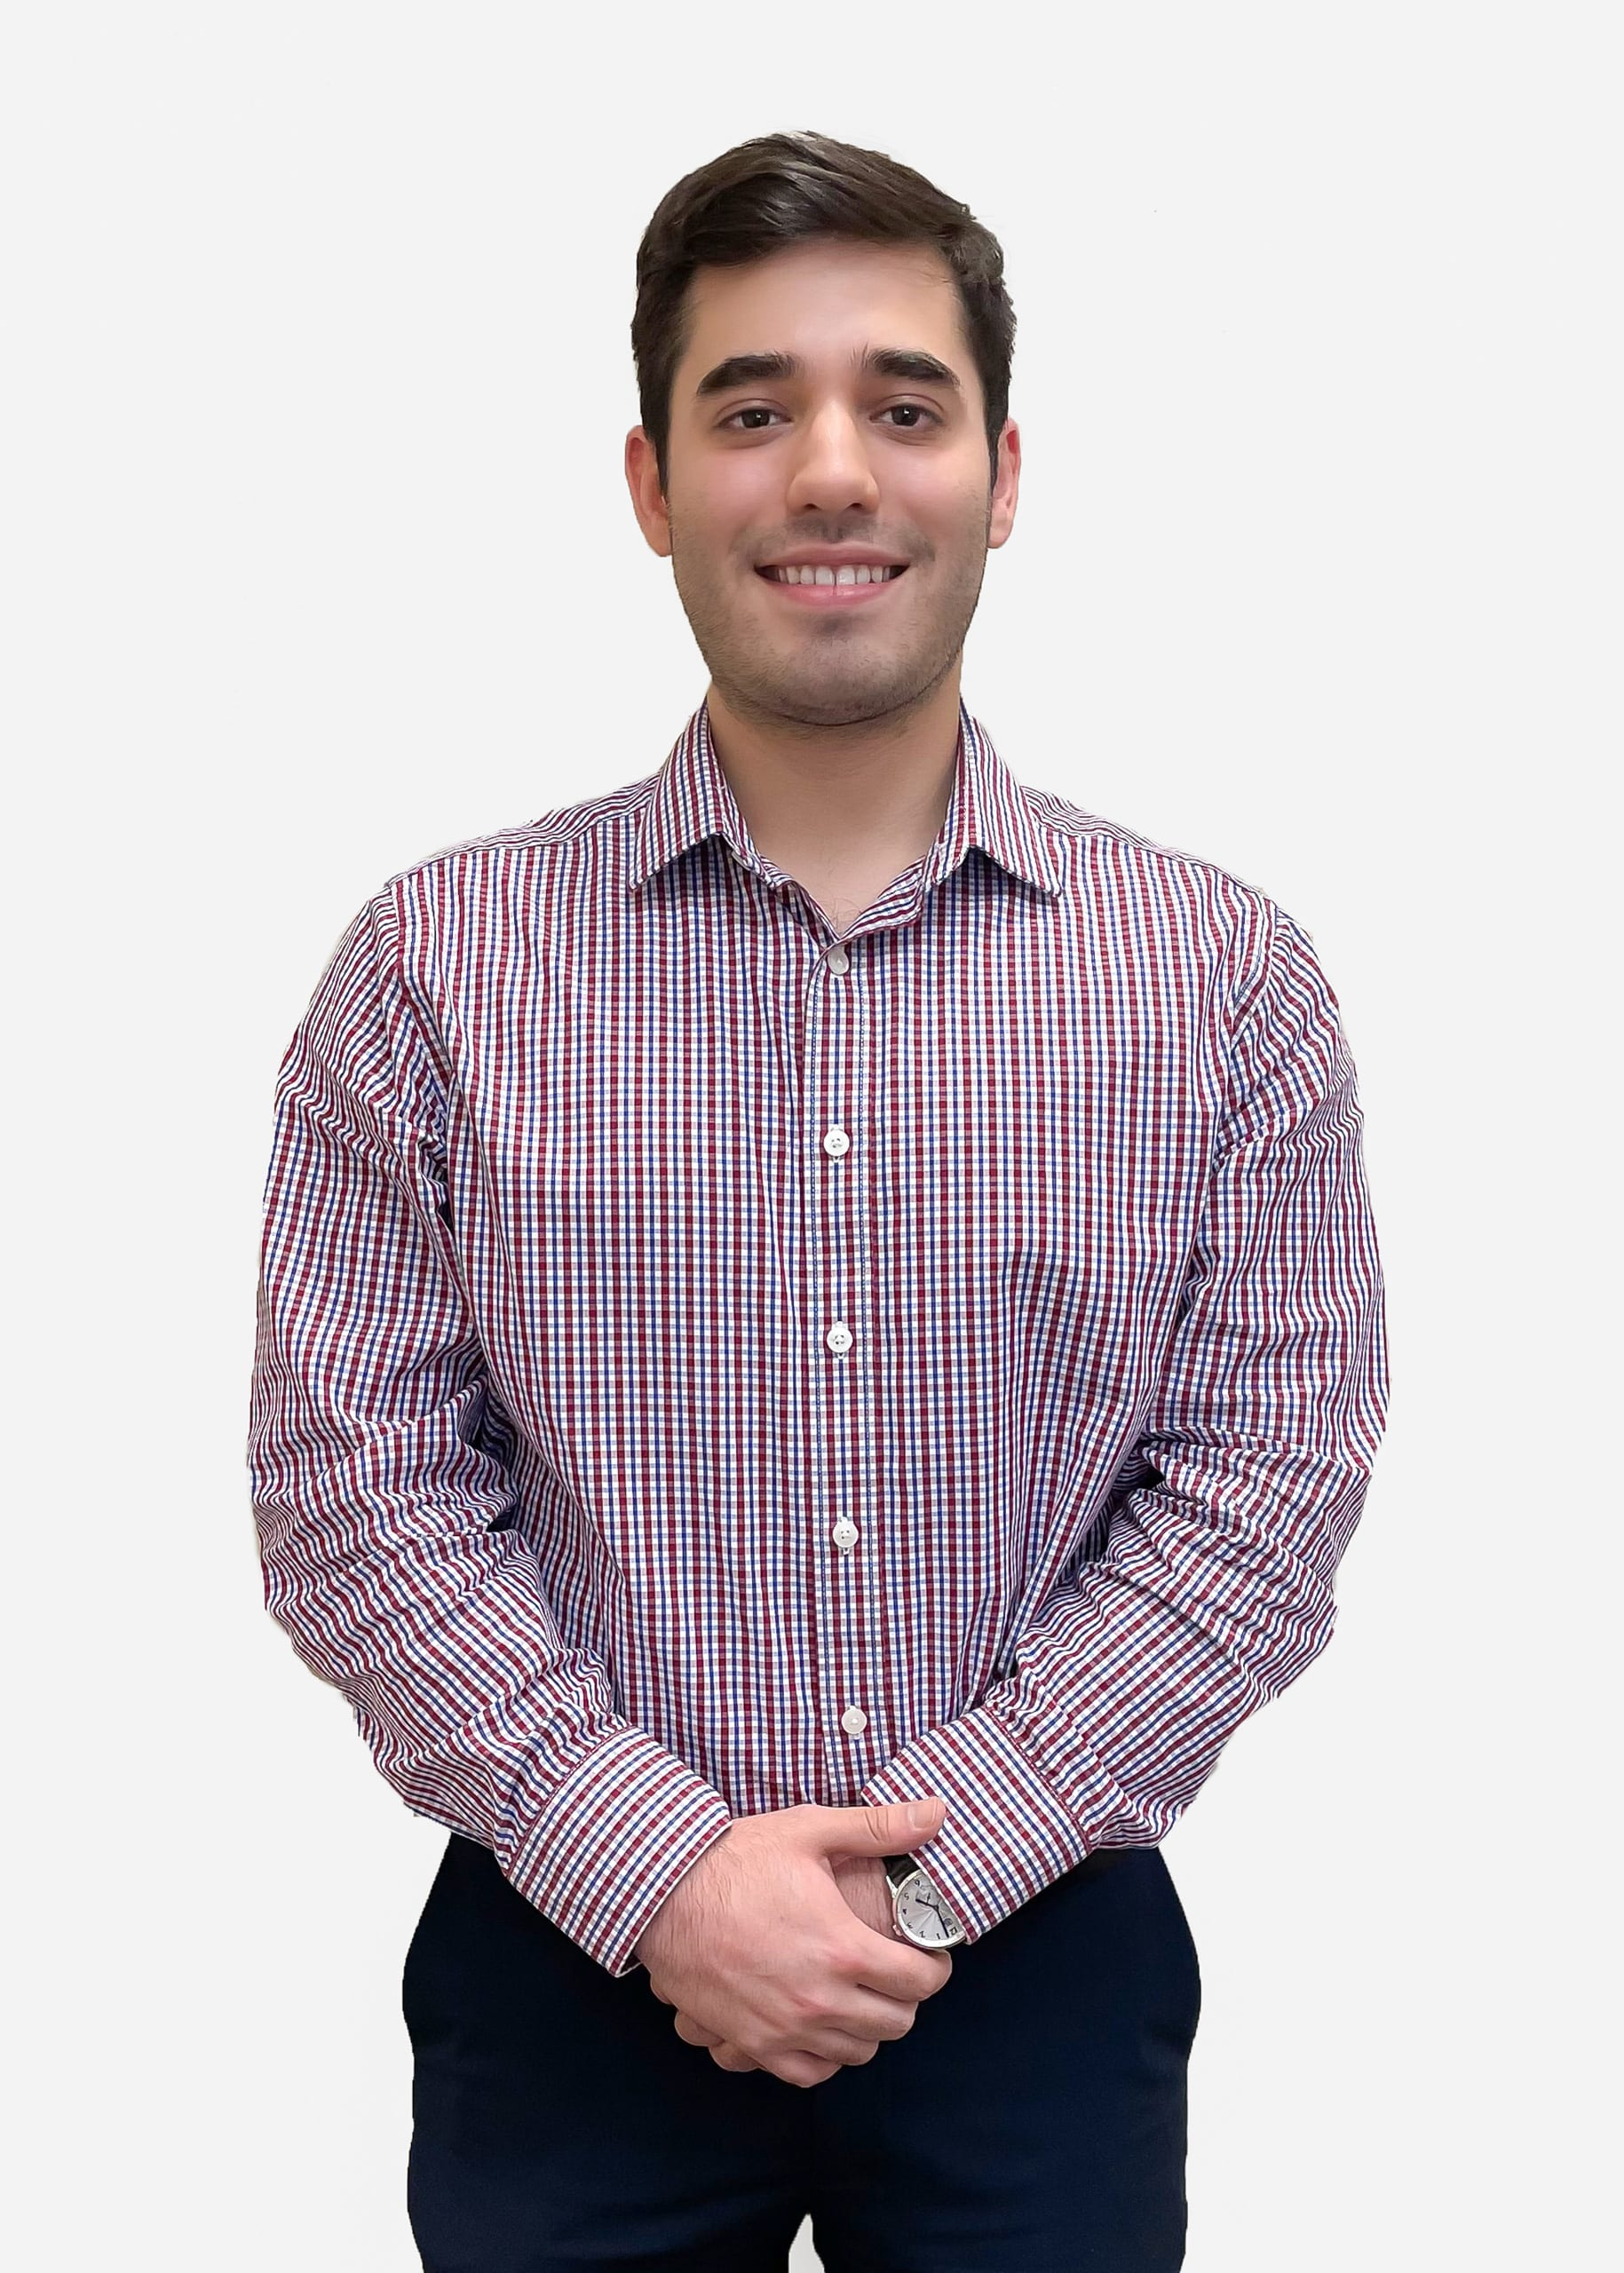 Sergio Rodriquez